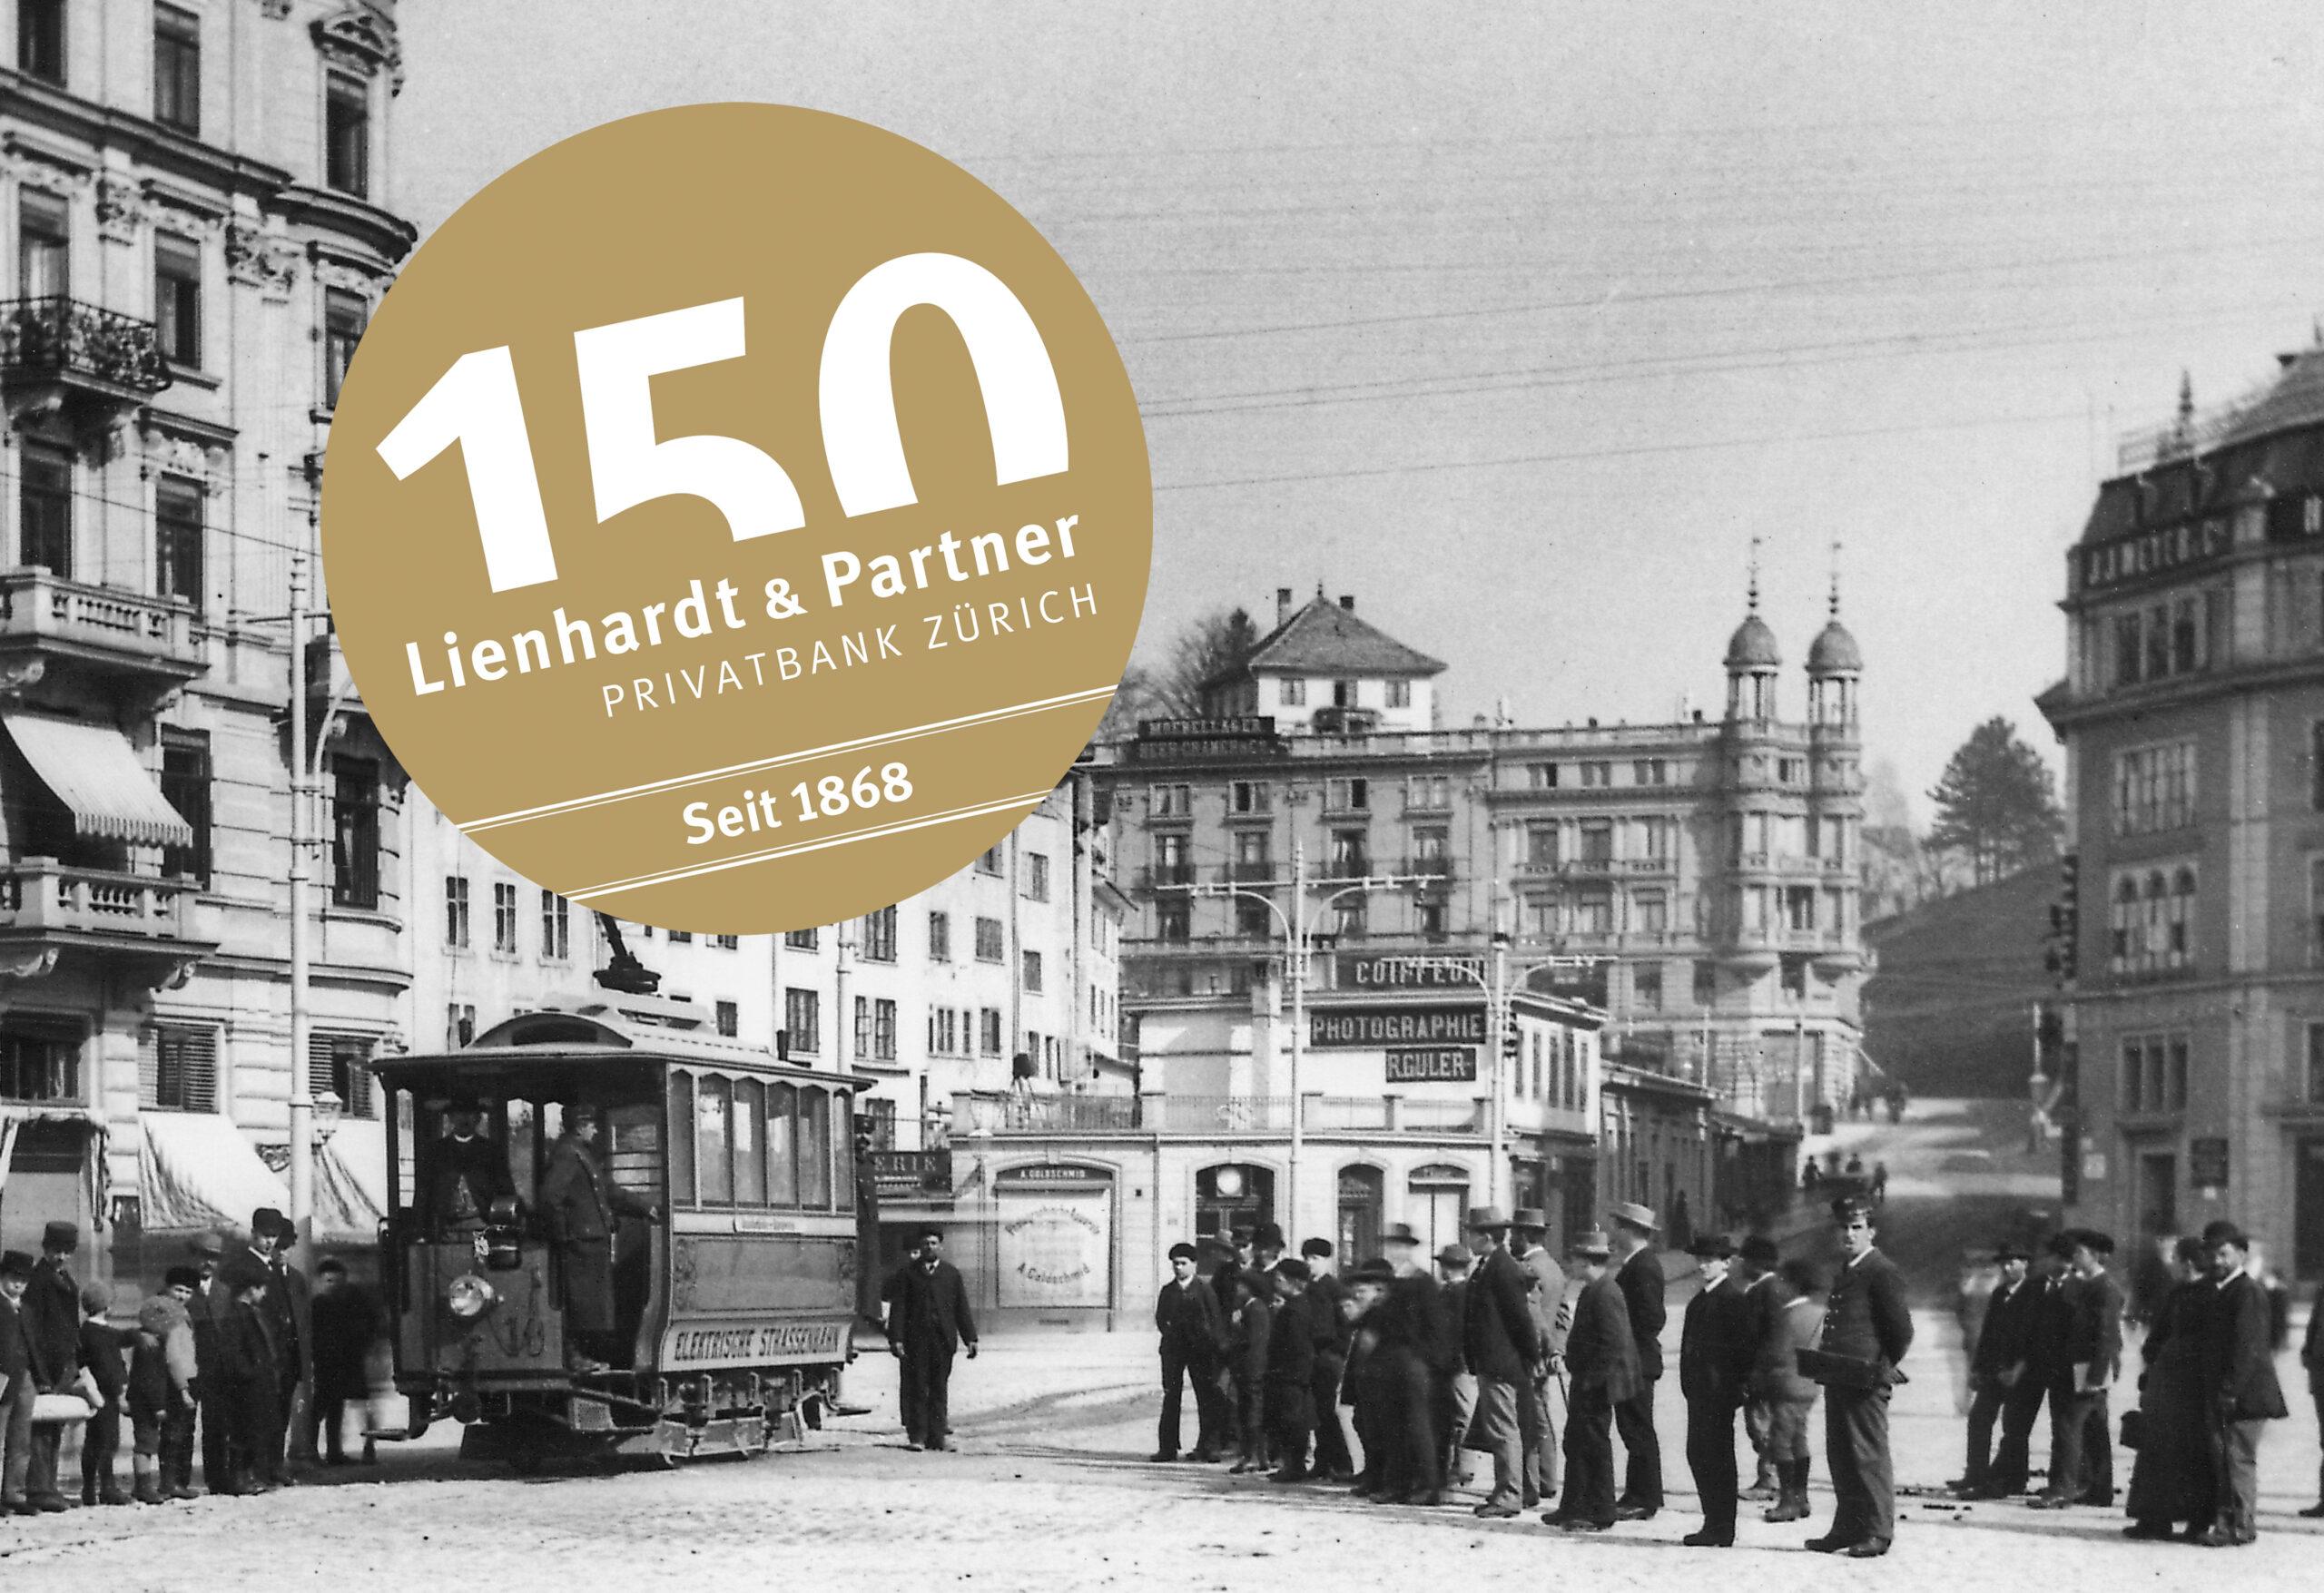 Lienhardt & Partner Jubiläumslogo historische Aufnahme. Corporate Design und Kommunikation mit dem Blick aufs Ganze und der Leidenschaft für gute Gestaltung.